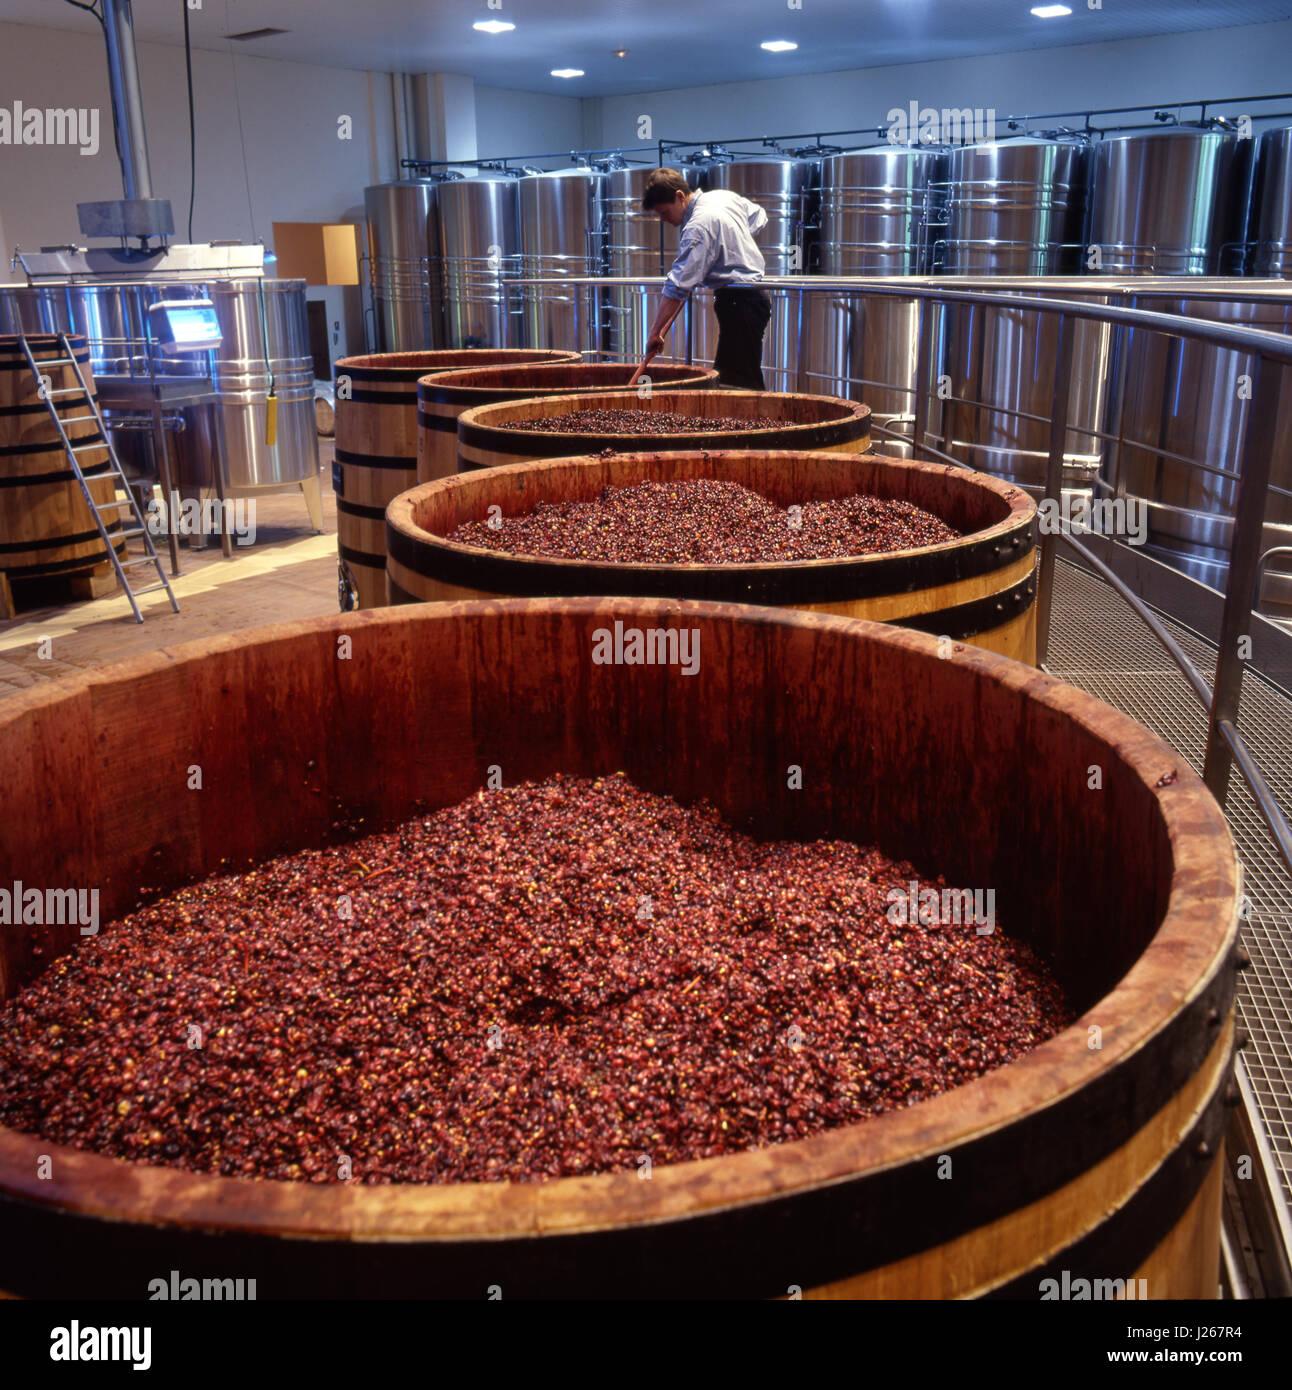 Pigeage, breaking the skin crust of Pinot Noir grapes fermenting in oak barrels in La Sablière winery of Louis - Stock Image